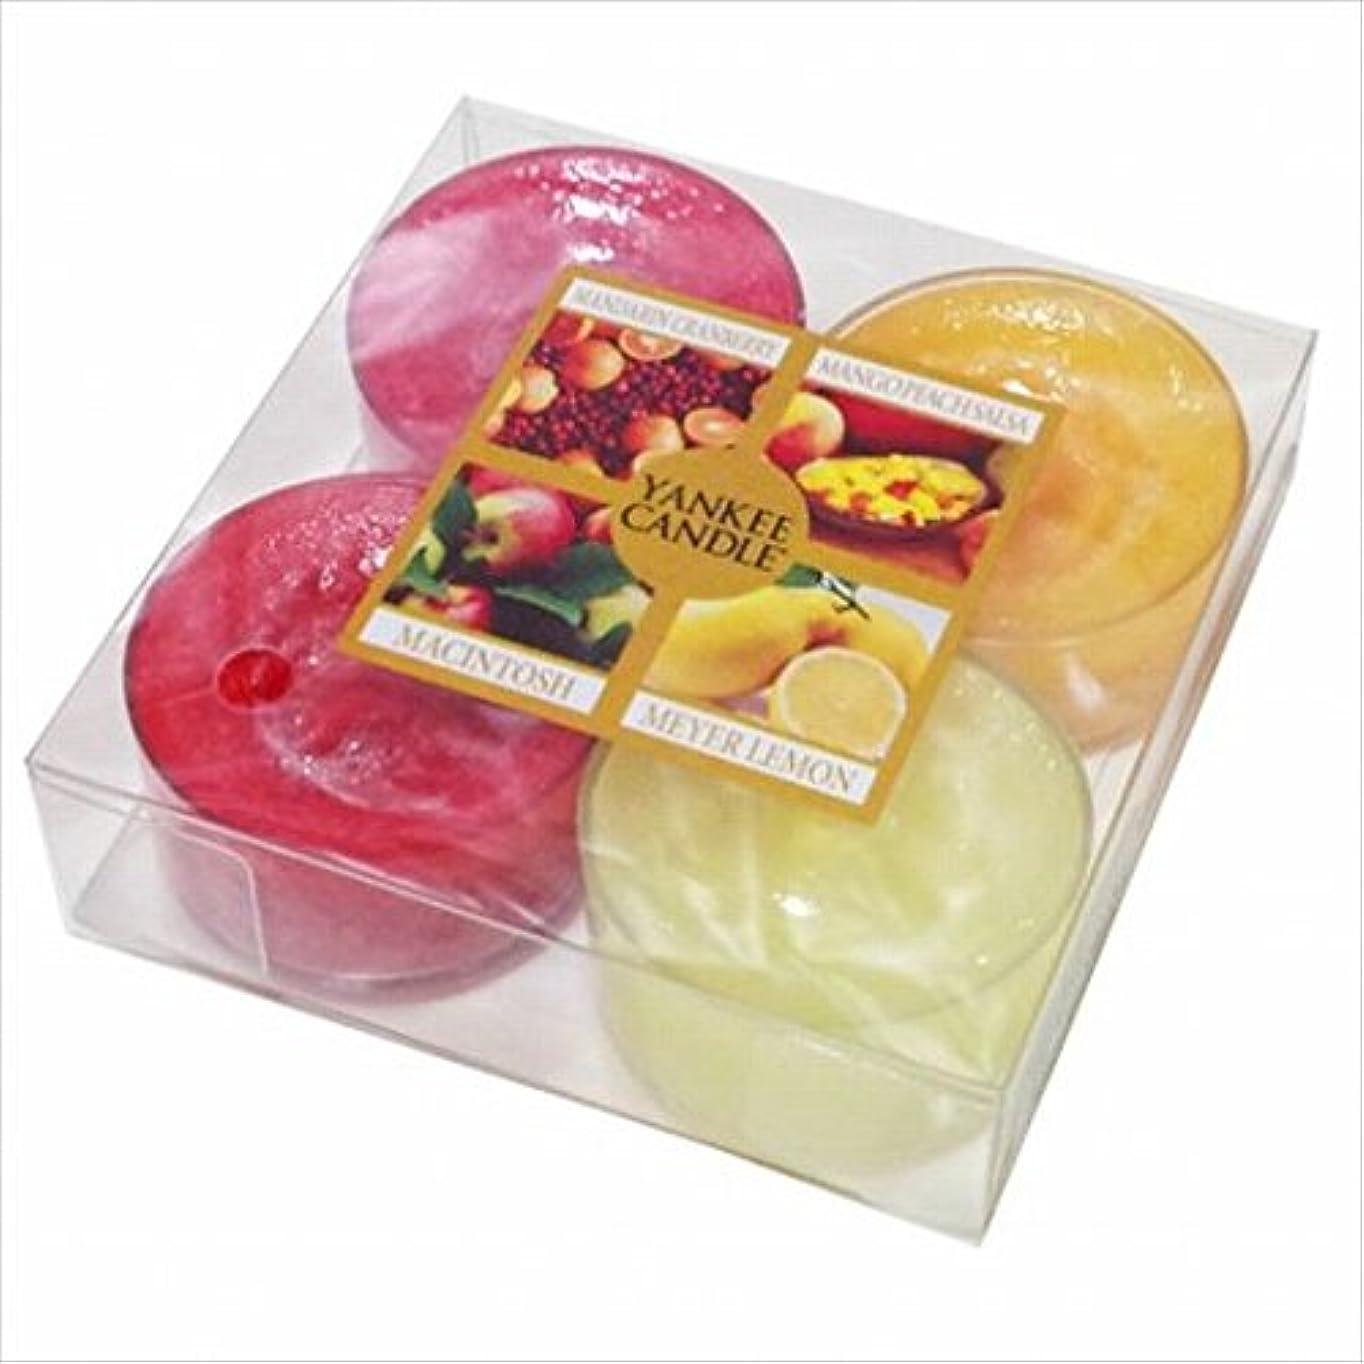 ミケランジェロテンション無駄なカメヤマキャンドル(kameyama candle) YANKEE CANDLE クリアカップティーライト4個入り アソート 「 フルーツ 」